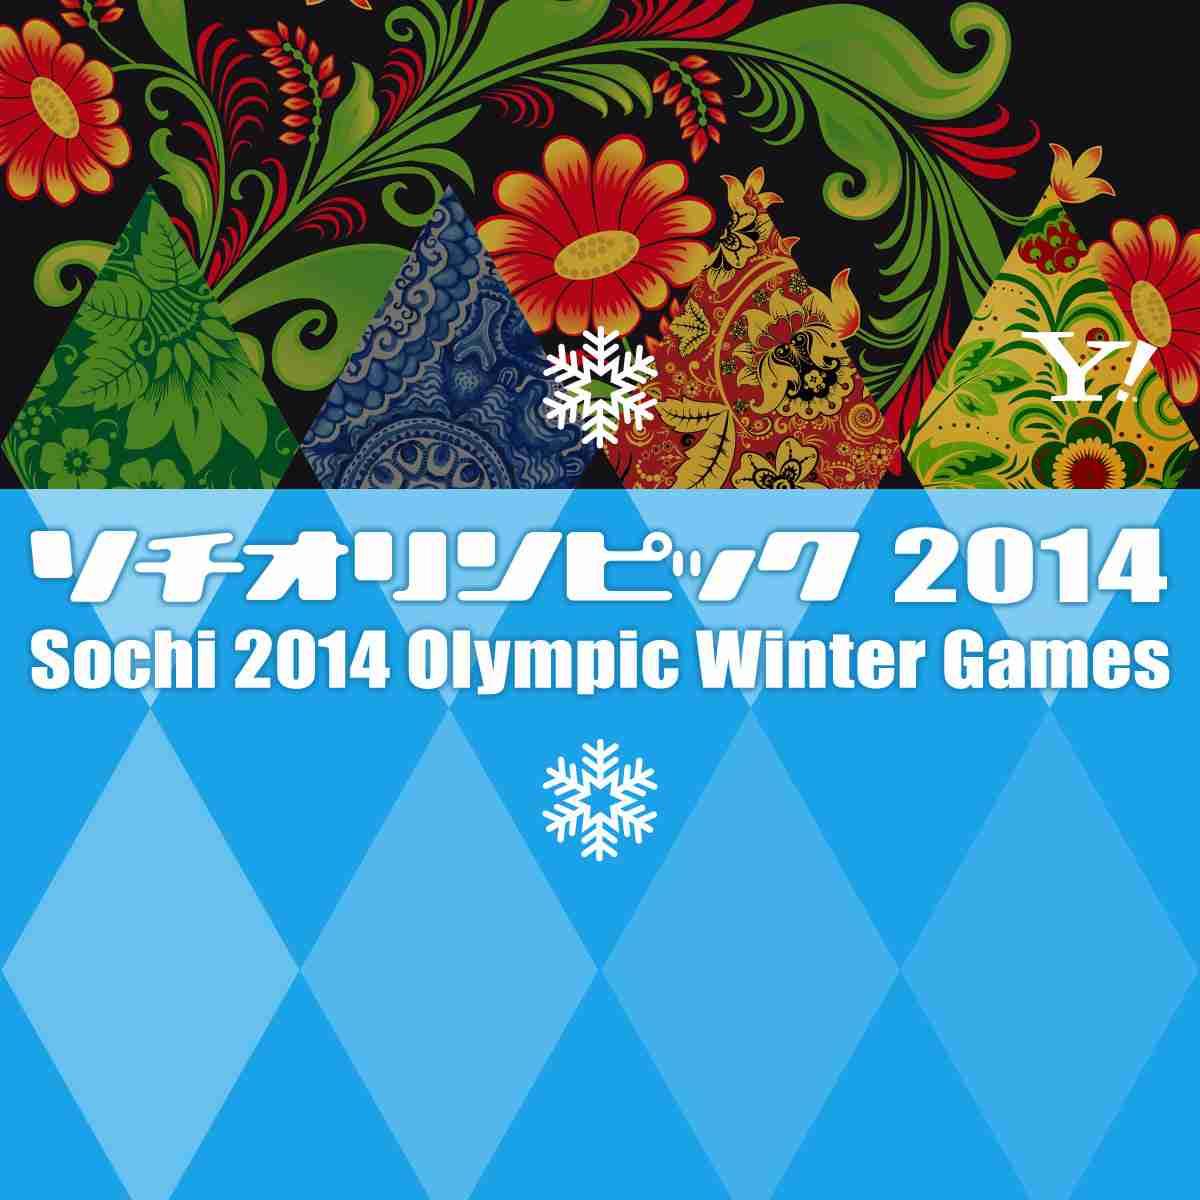 ソチオリンピック Yahoo! JAPAN - 実況チャンネル